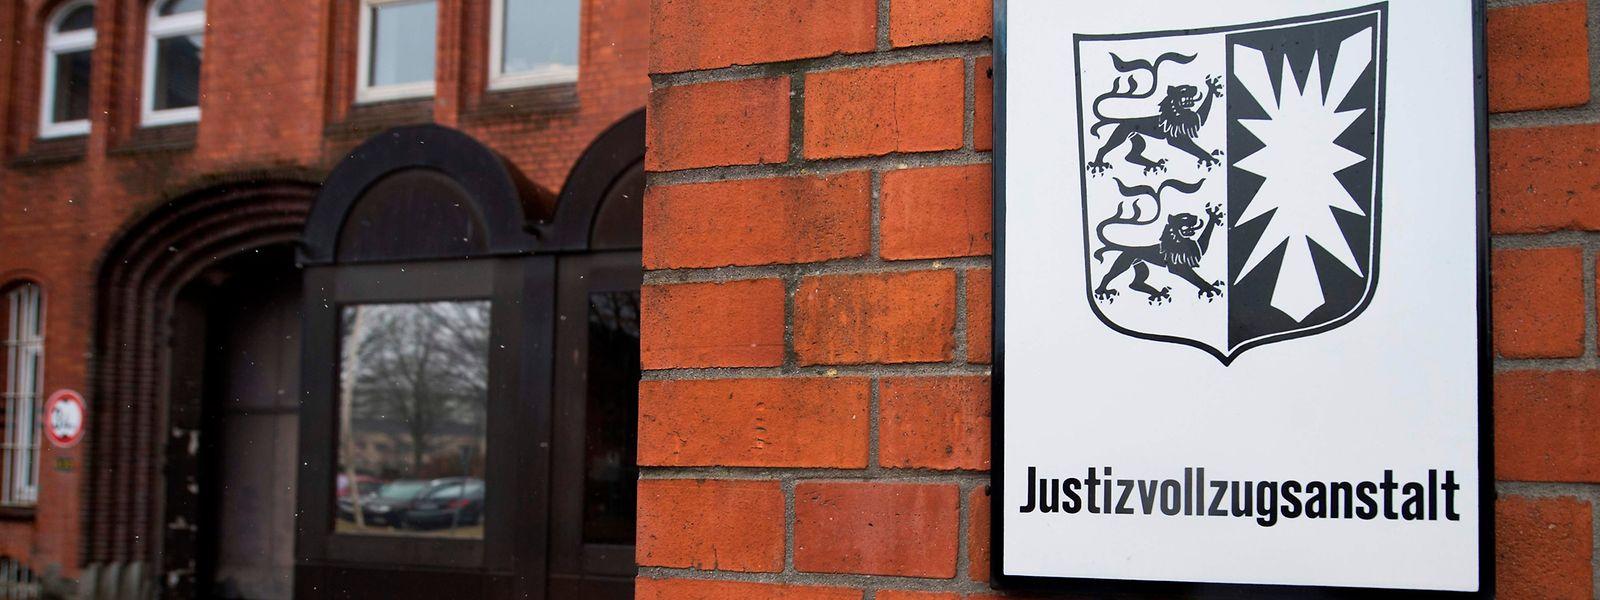 Puigdemont sitzt seit seiner Festnahme in der Justizvollzugsanstalt Neumünster.